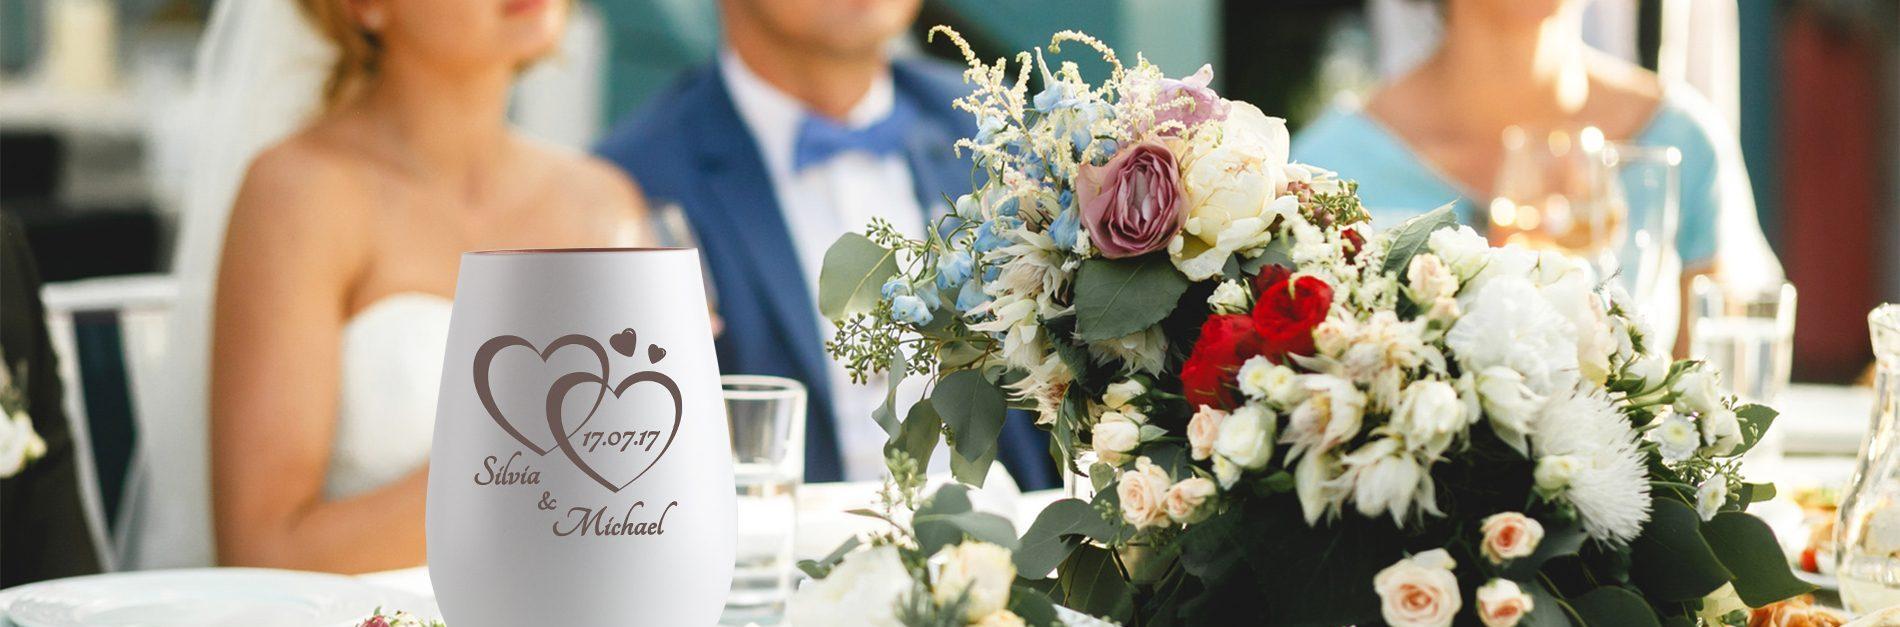 ein Brautpaar sitzt an einem festlich gedeckten Hochzeits-Tisch